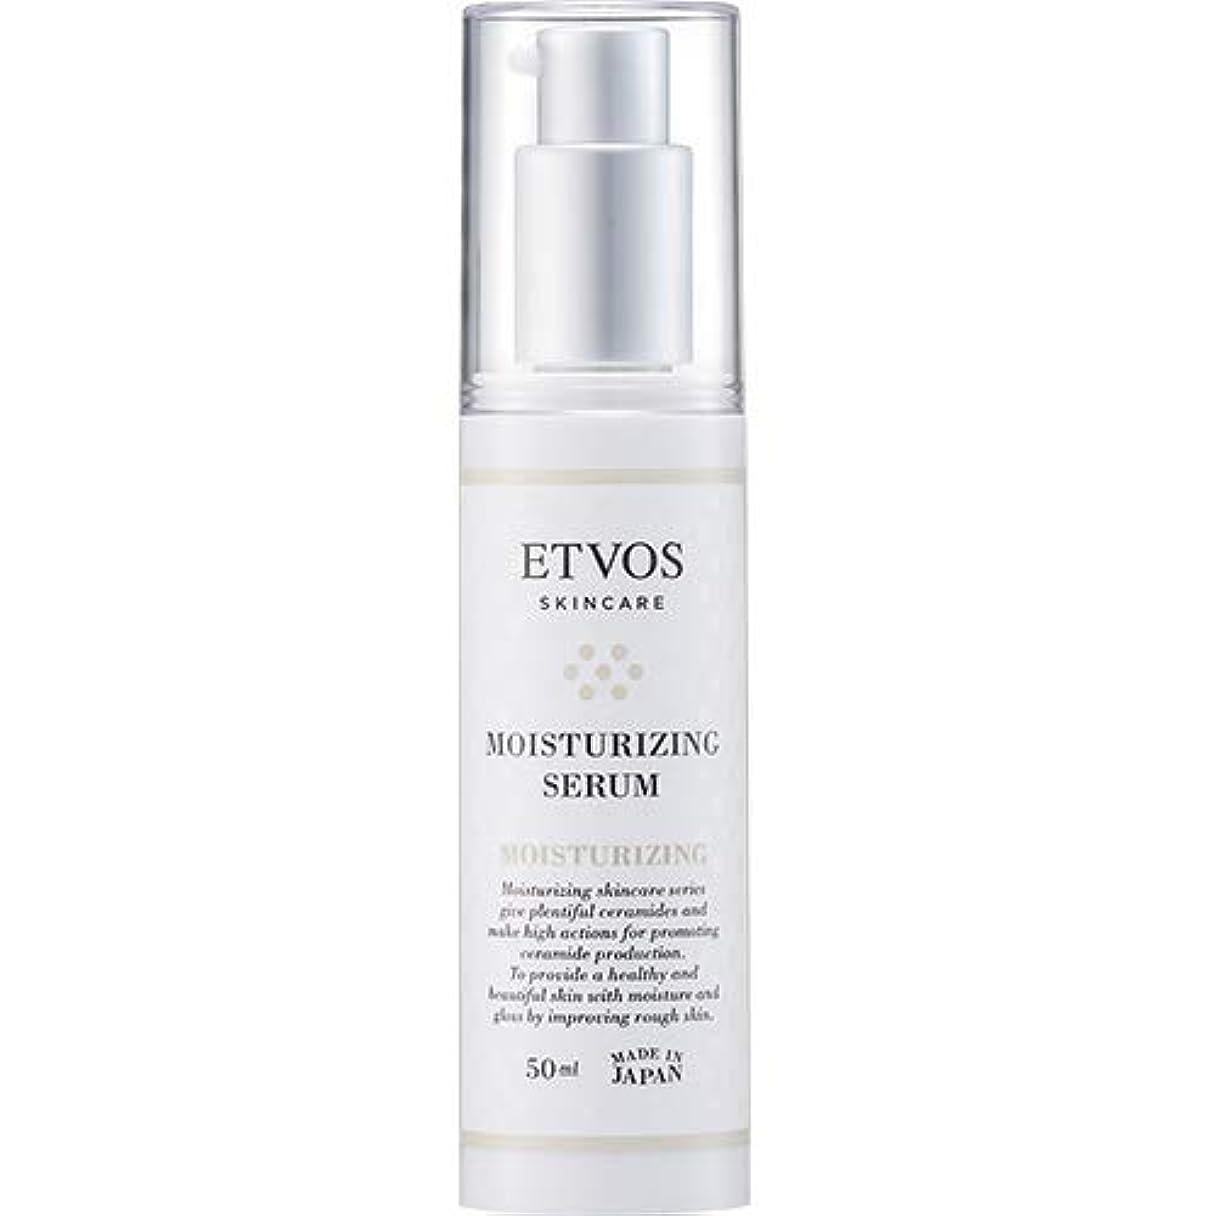 刻むより平らな印象ETVOS(エトヴォス) 保湿美容液 モイスチャライジングセラム 50ml ヒト型セラミド配合 乾燥肌/敏感肌 乳液